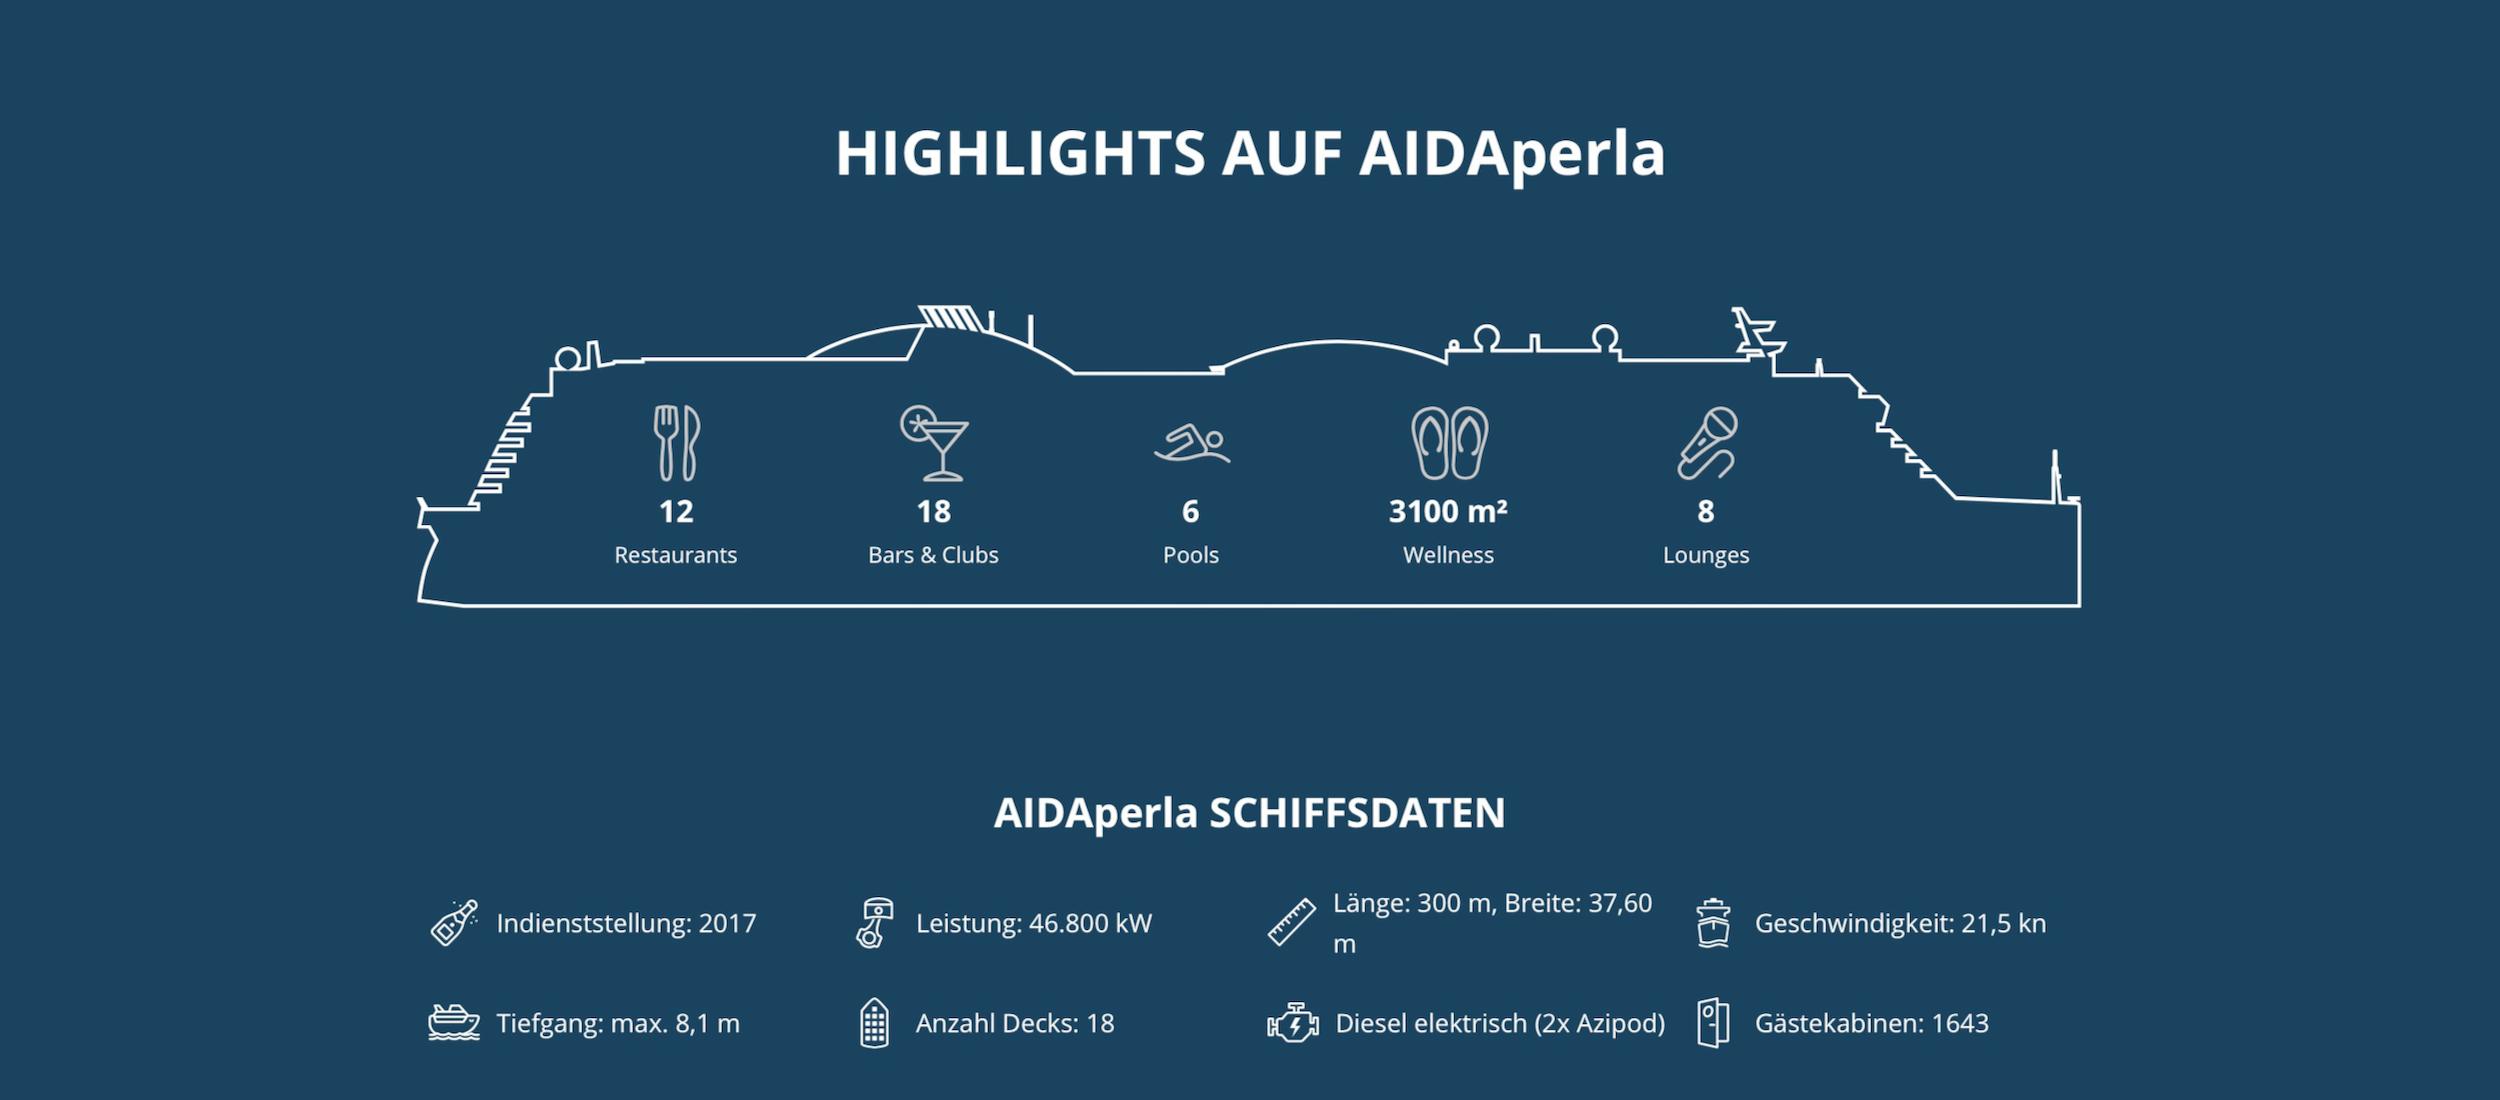 aida-cruises-ships-aidaperla-daten